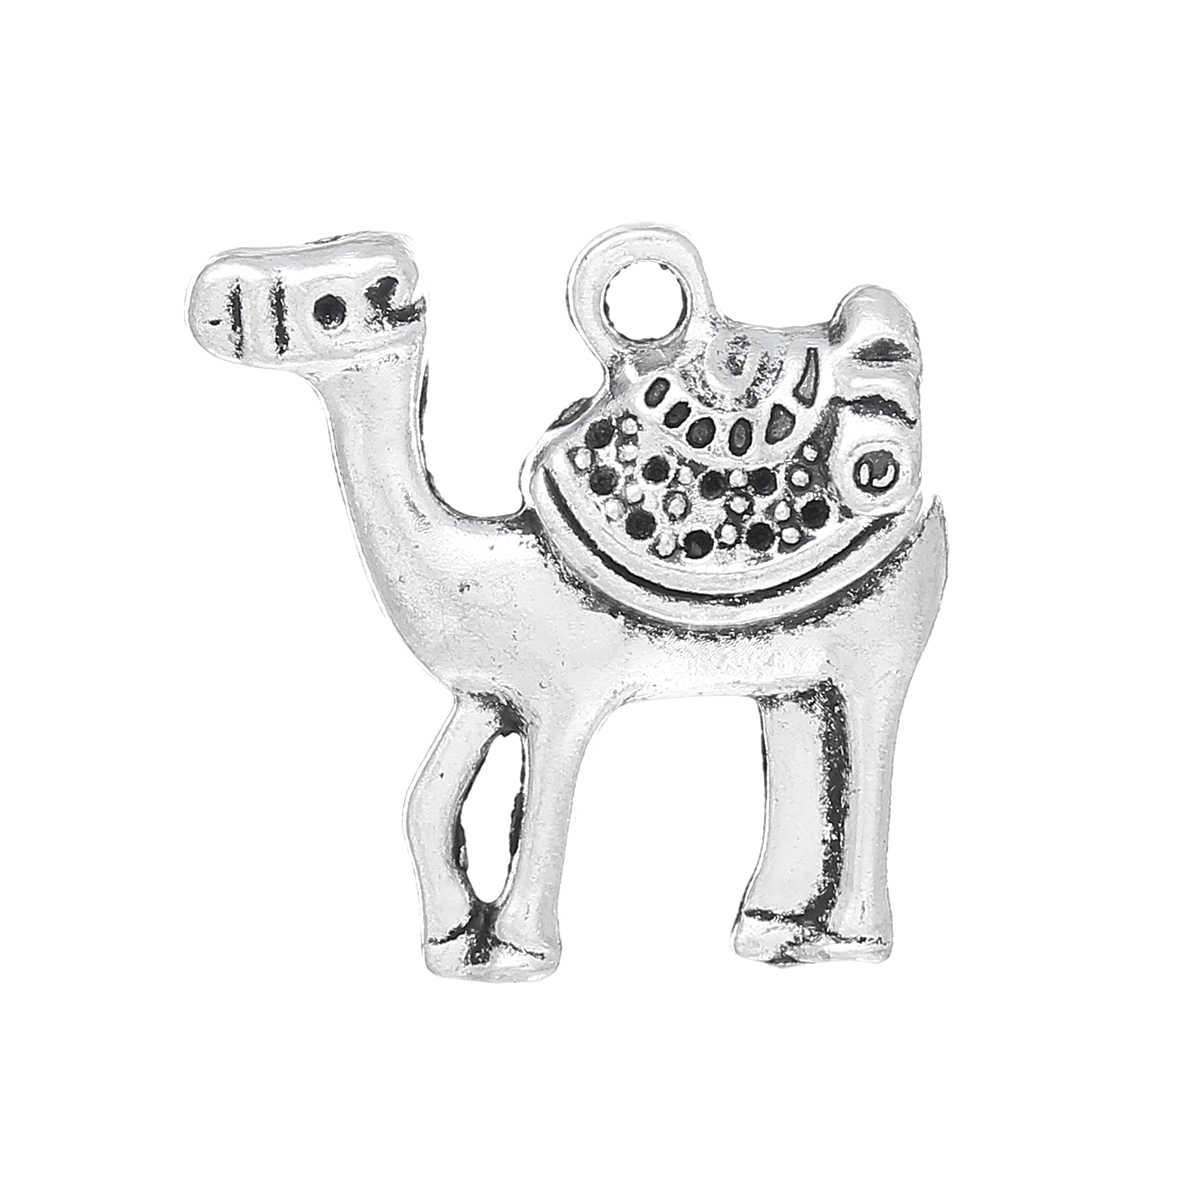 DoreenBeads aleación de metal de Zinc encanto colgantes camello de plata antiguo (puede contener ss4 de diamantes de imitación) con incrustaciones de faceteds 23mm x 23mm 4 piezas